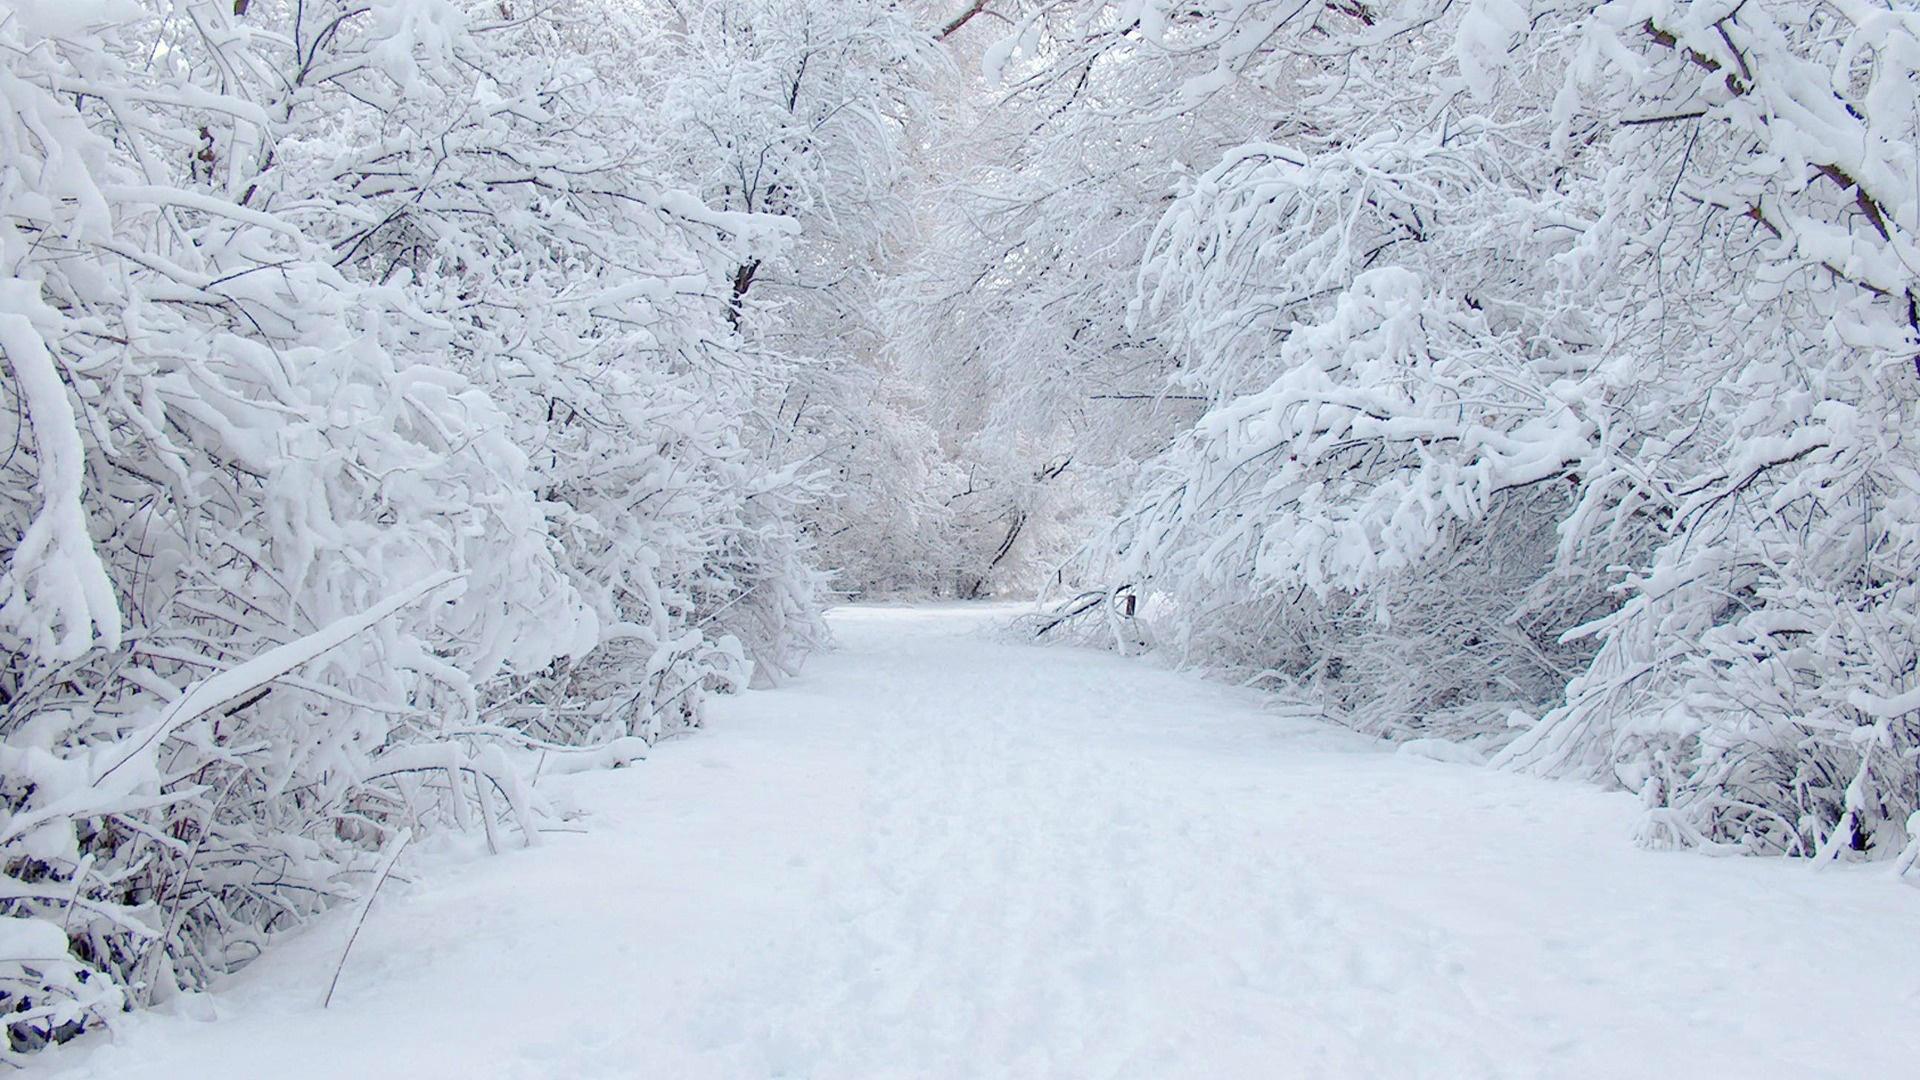 hình nền máy tính mùa đông đẹp